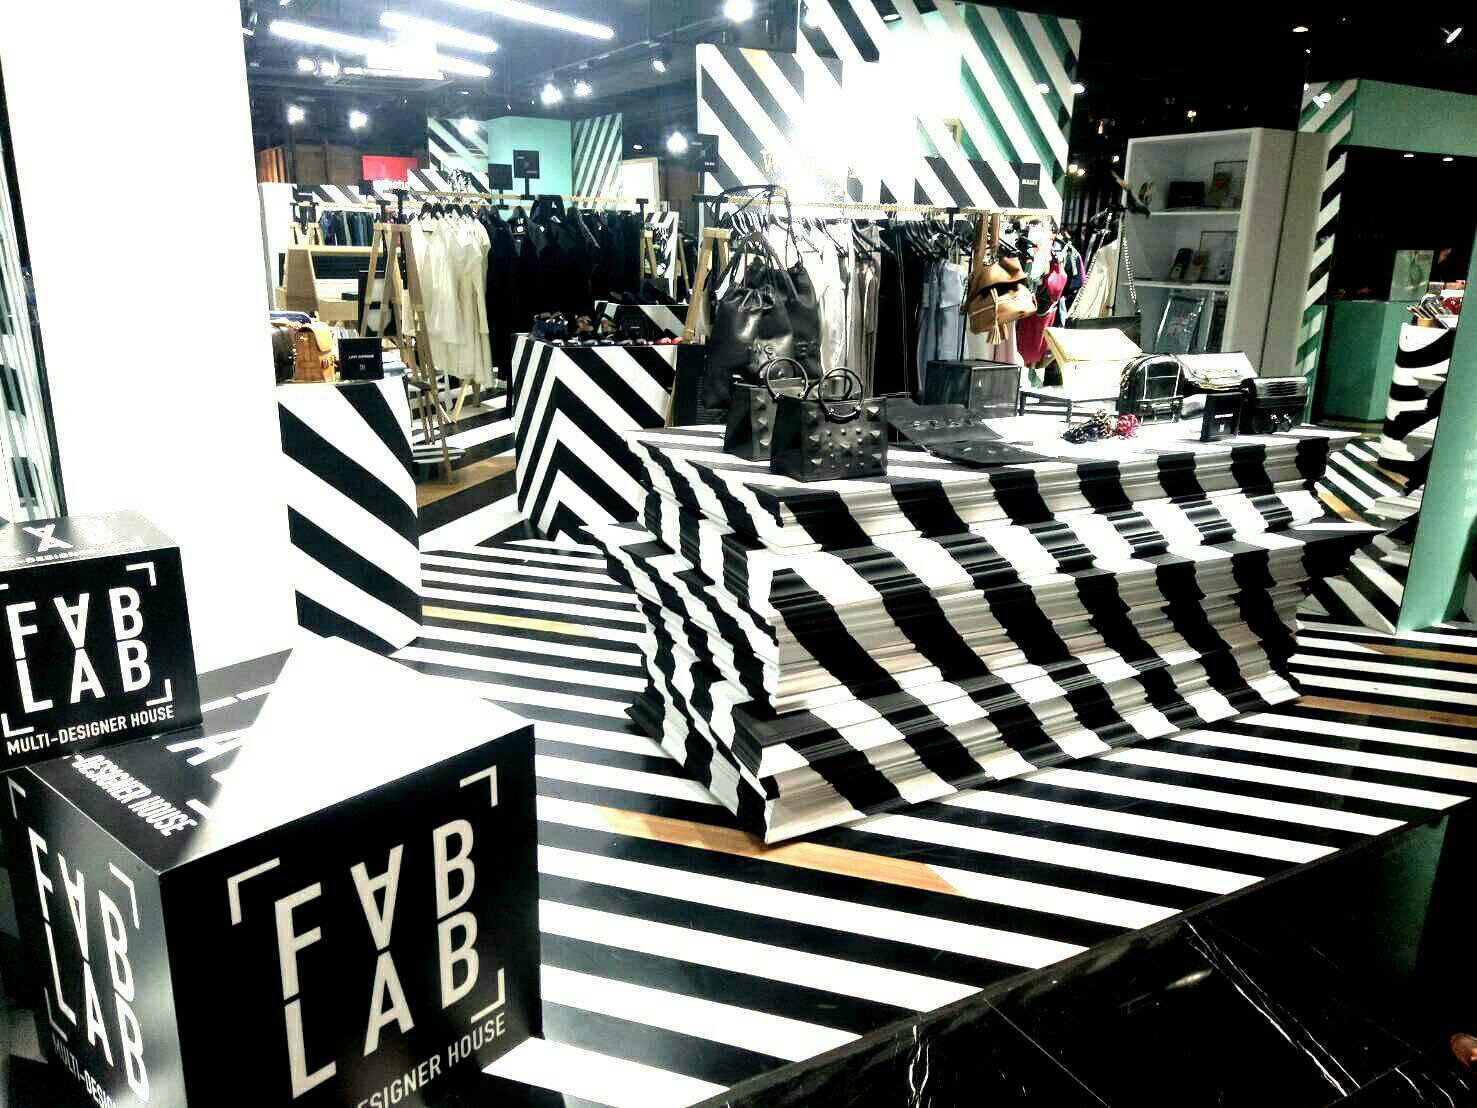 Lối thiết kế độc đáo, mới mẻ của một cửa hàng quần áo tại Siam Center